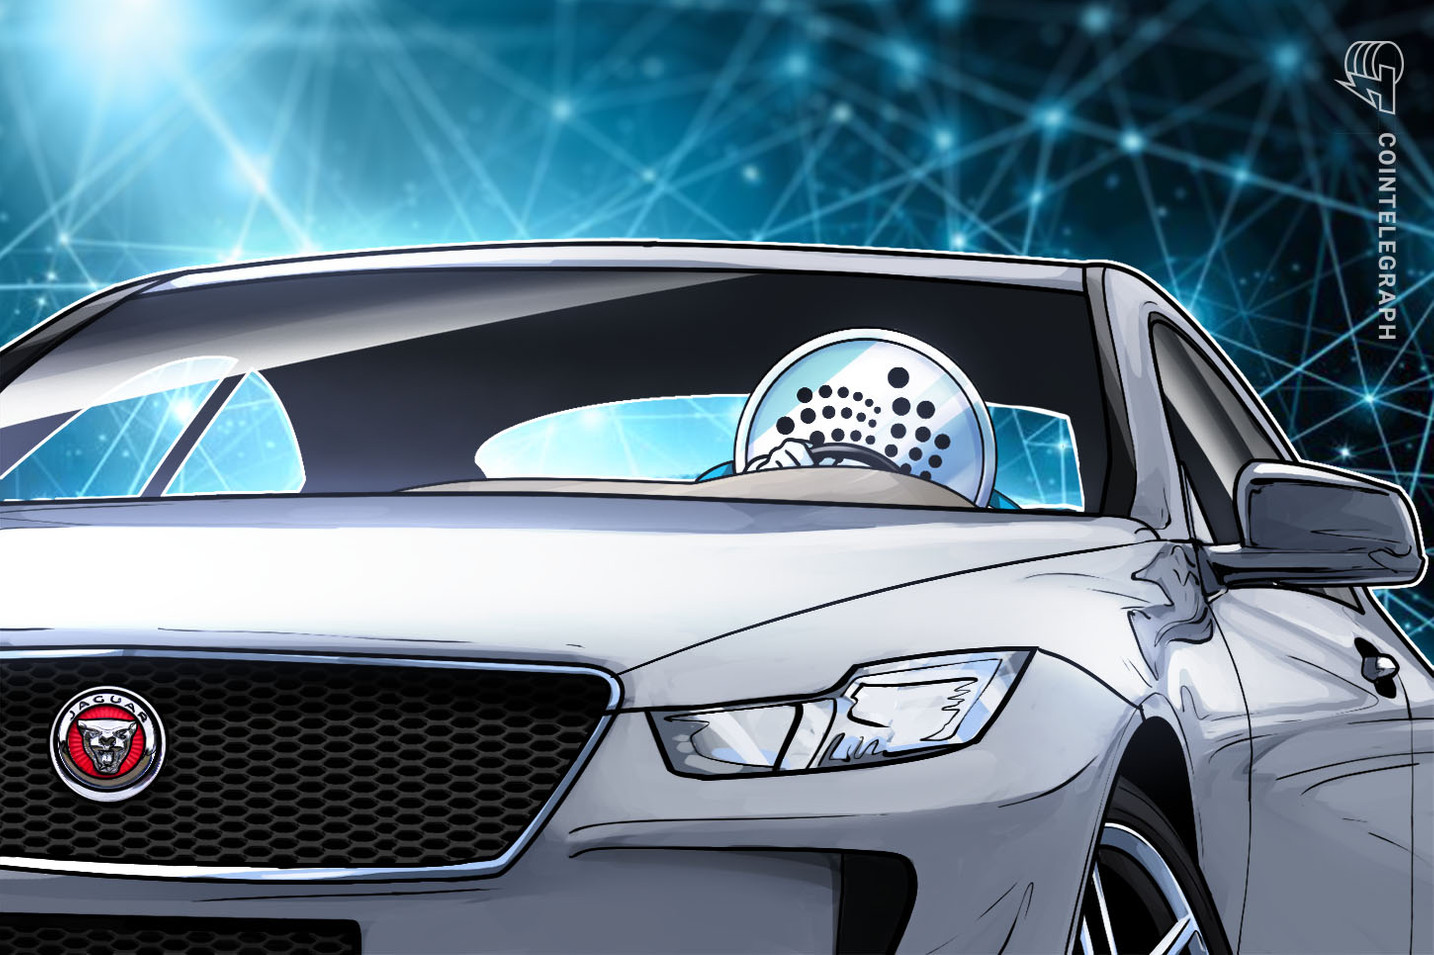 جاغوار تستخدم أيوتا في دليل إثبات المفهوم لتتبع طاقة السيارات